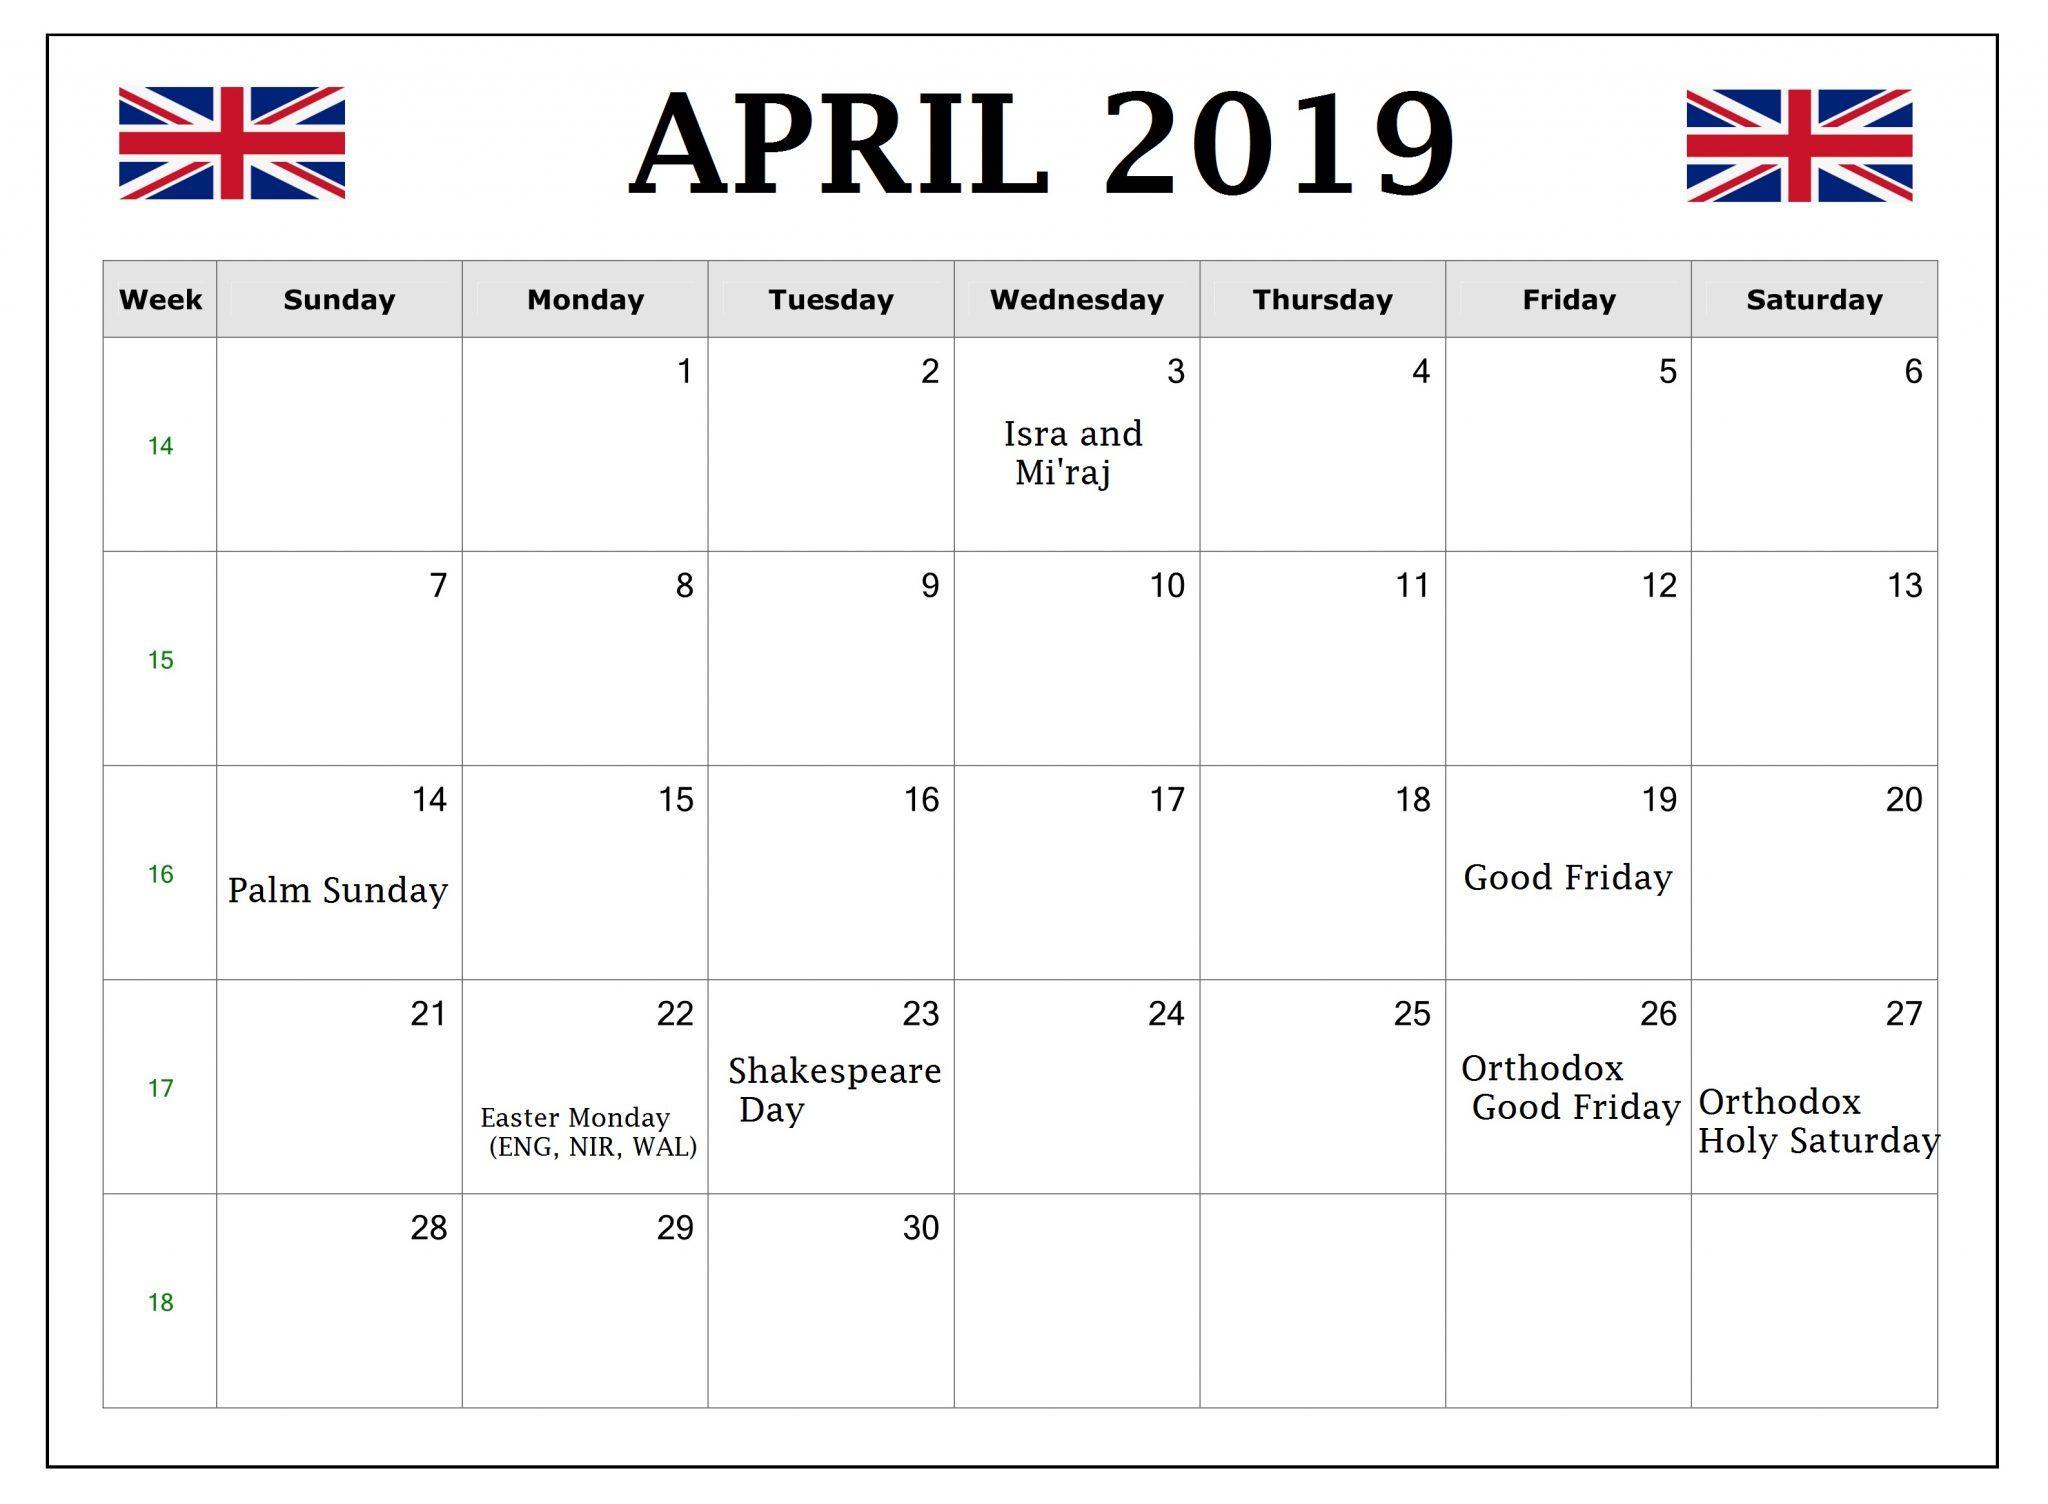 April 2019 Calendar UK With Holidays